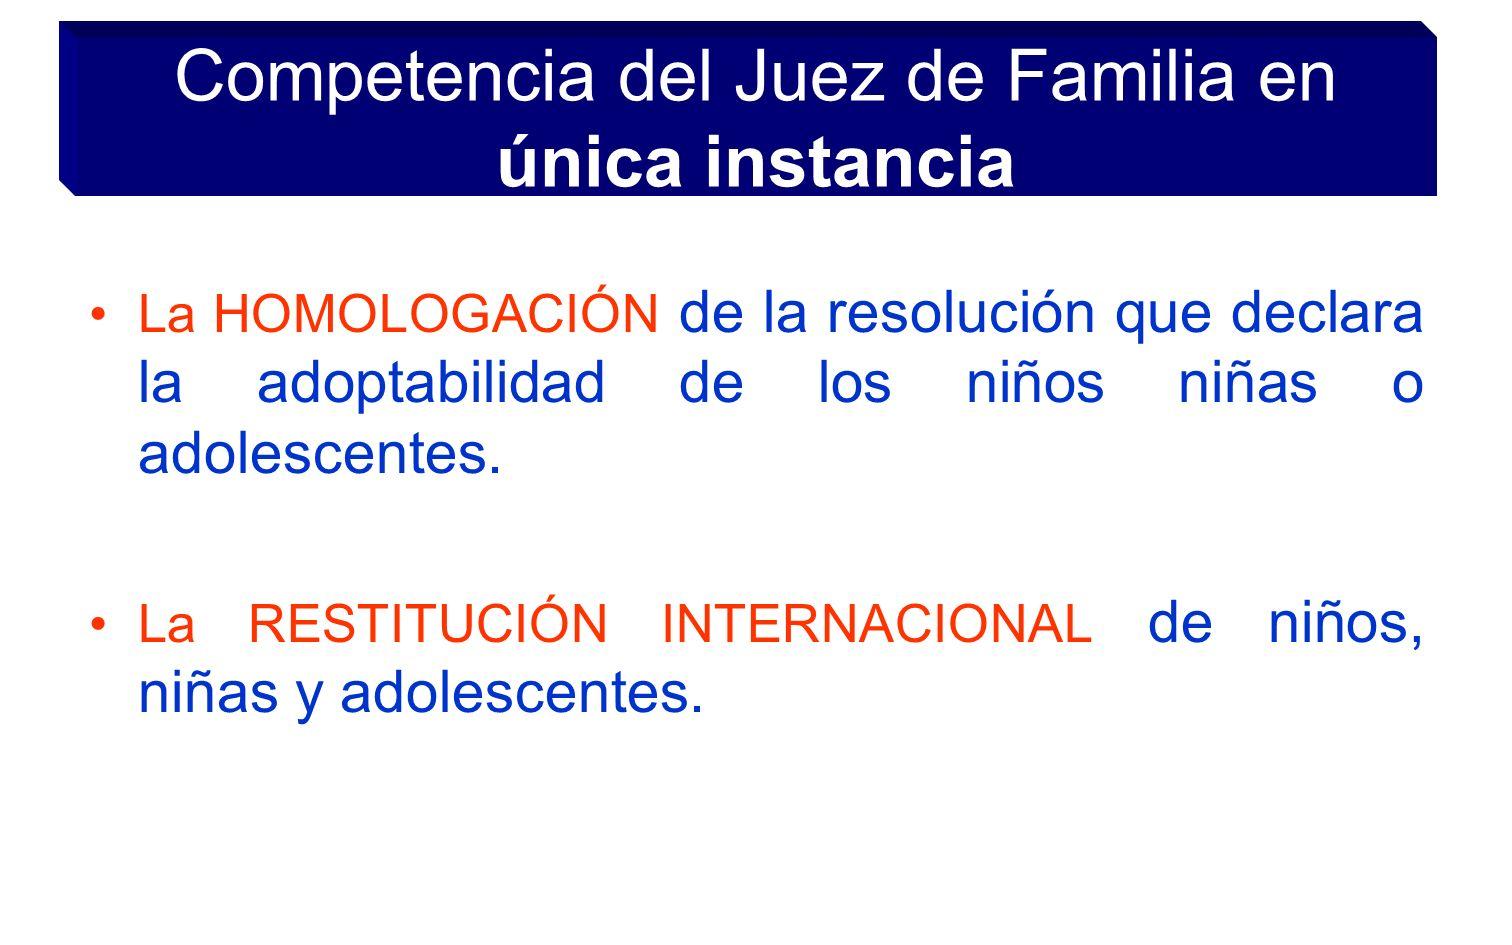 Competencia del Juez de Familia en única instancia La HOMOLOGACIÓN de la resolución que declara la adoptabilidad de los niños niñas o adolescentes.